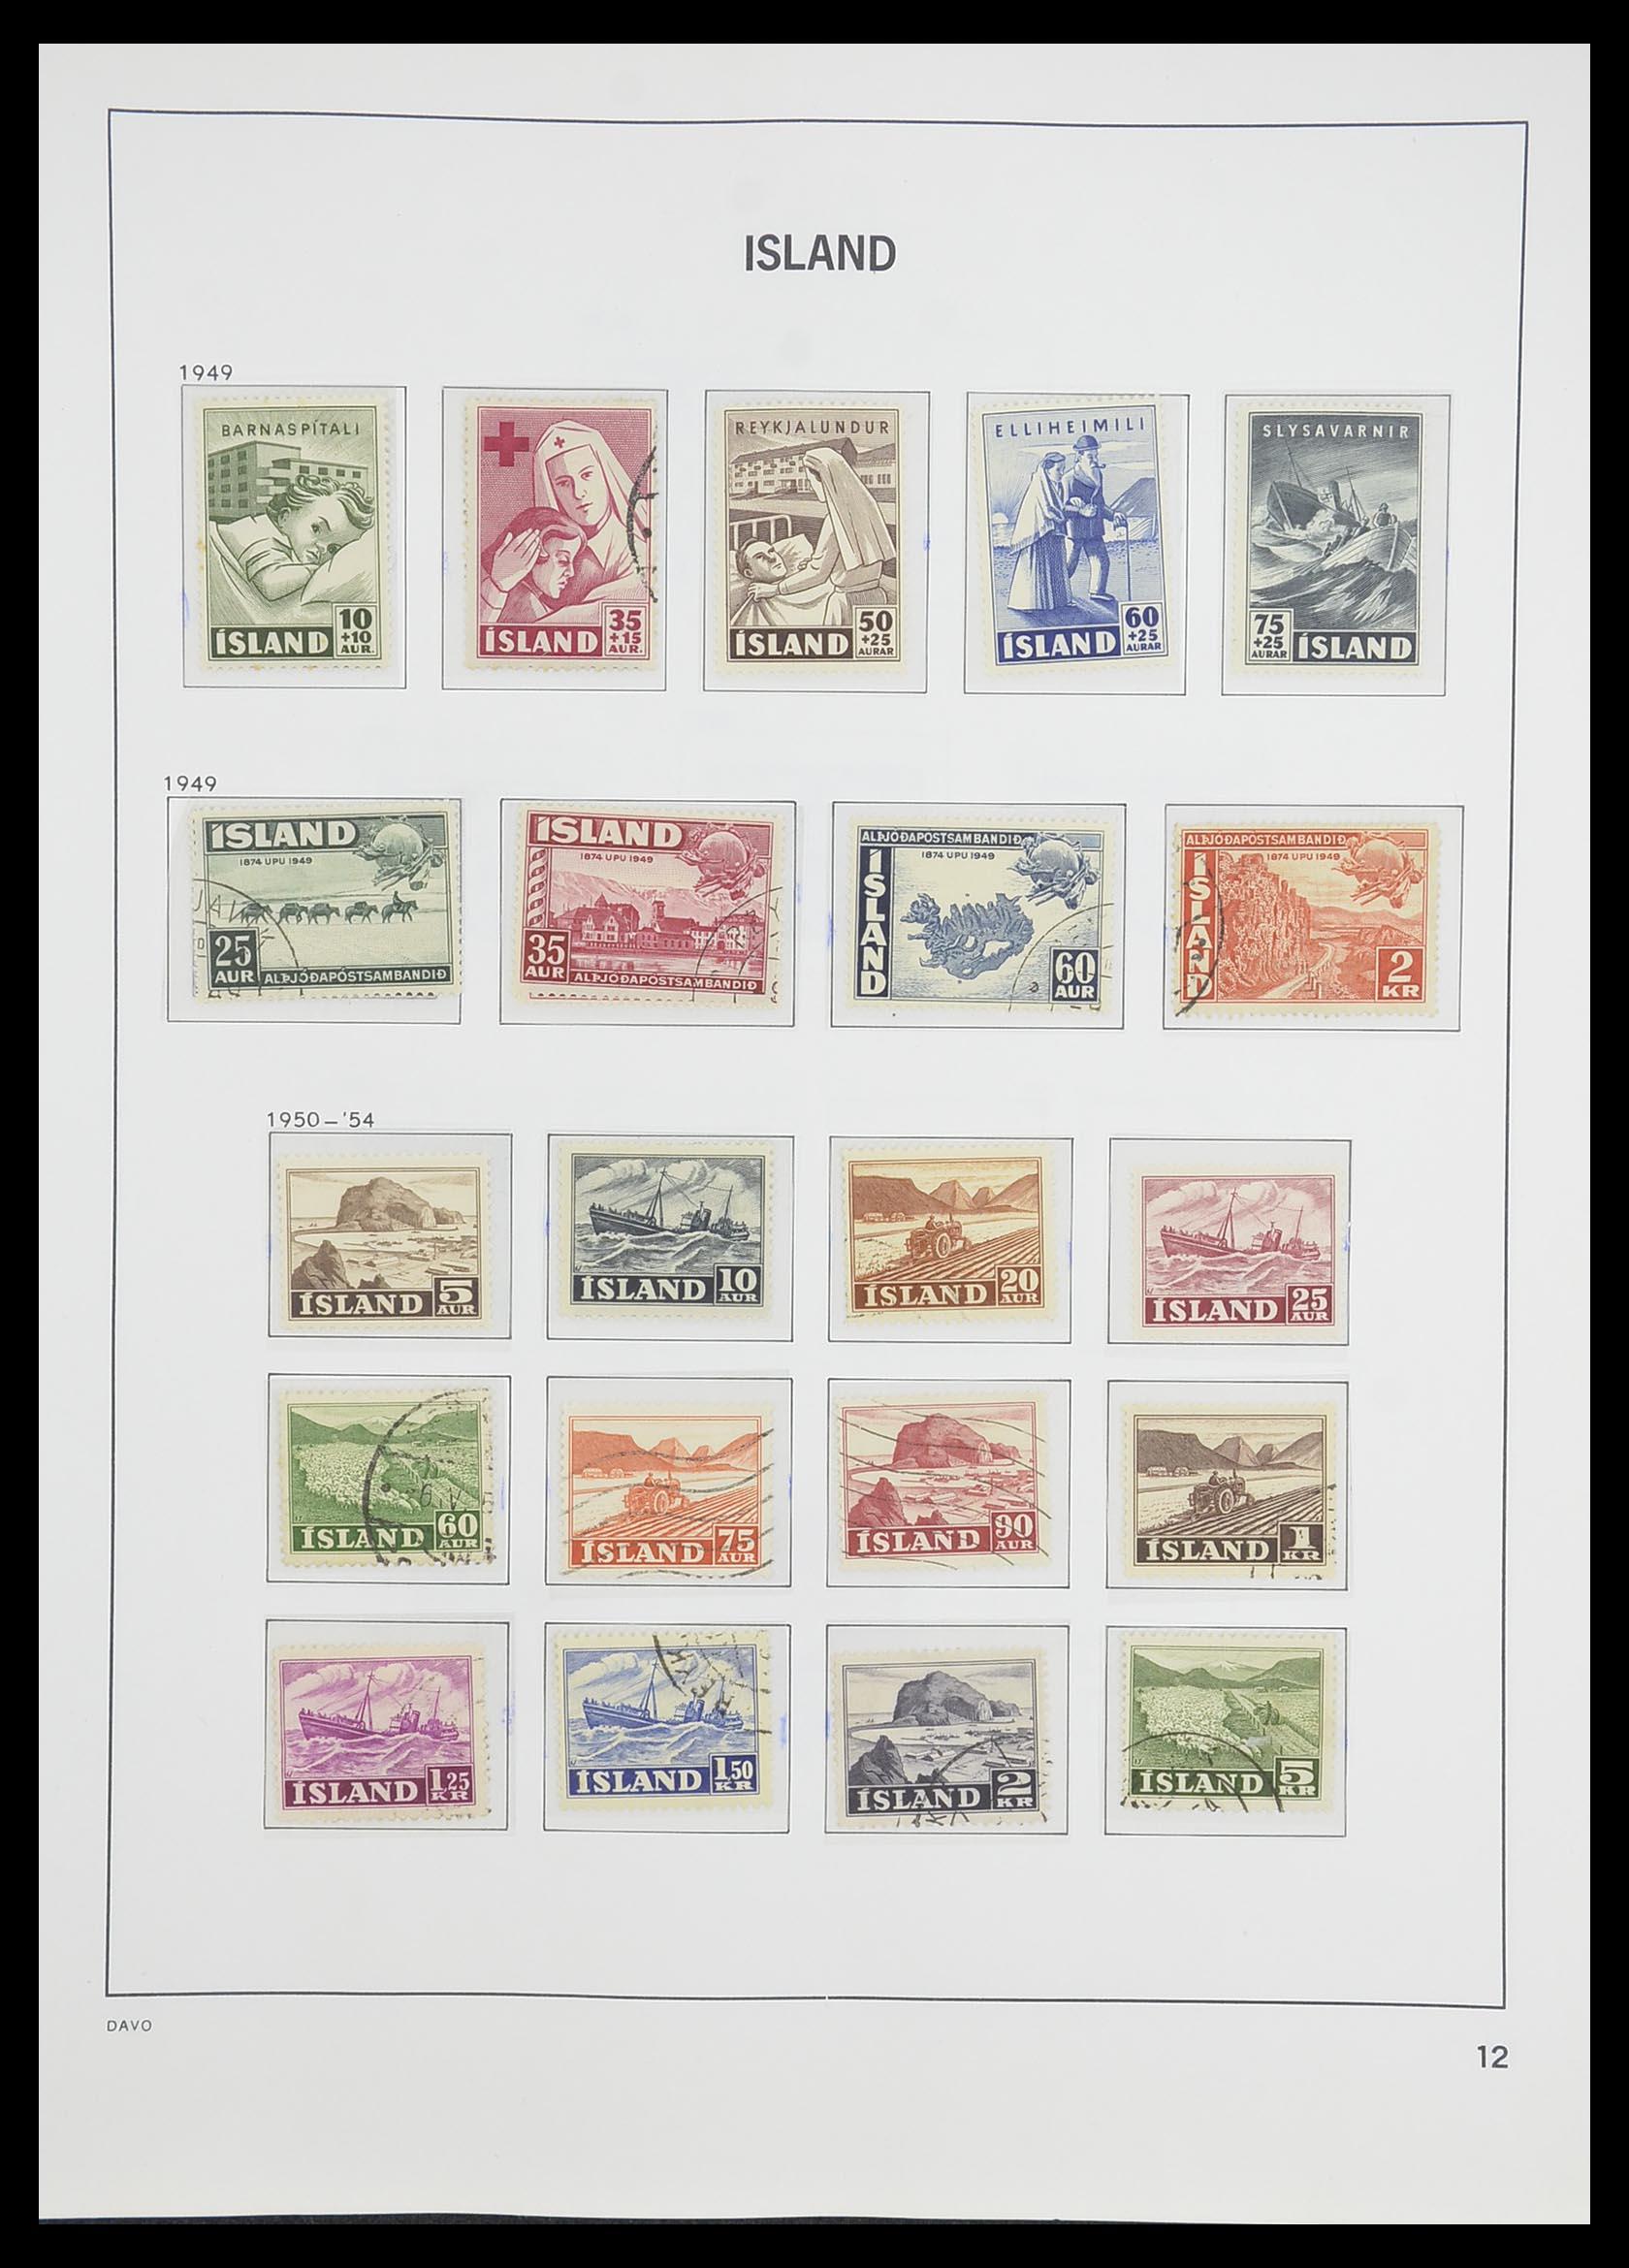 33785 013 - Postzegelverzameling 33785 IJsland 1876-1990.